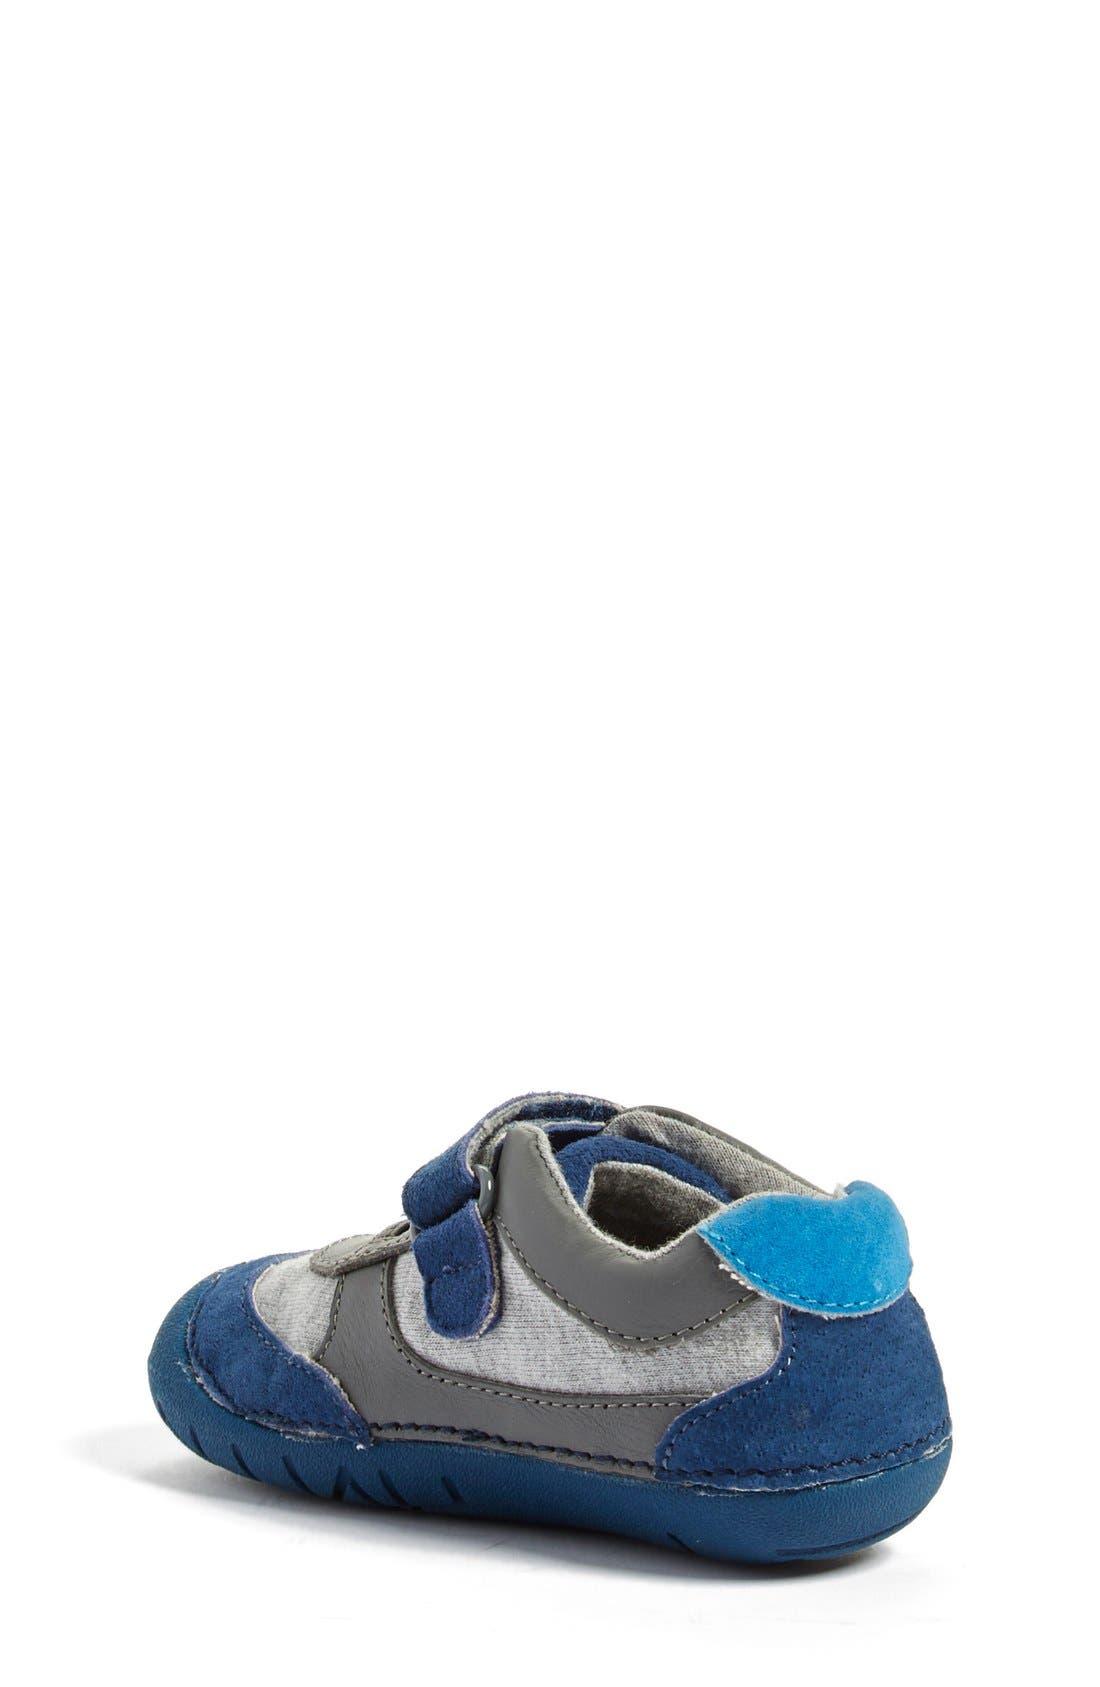 'Quinn' Sneaker,                             Alternate thumbnail 4, color,                             400